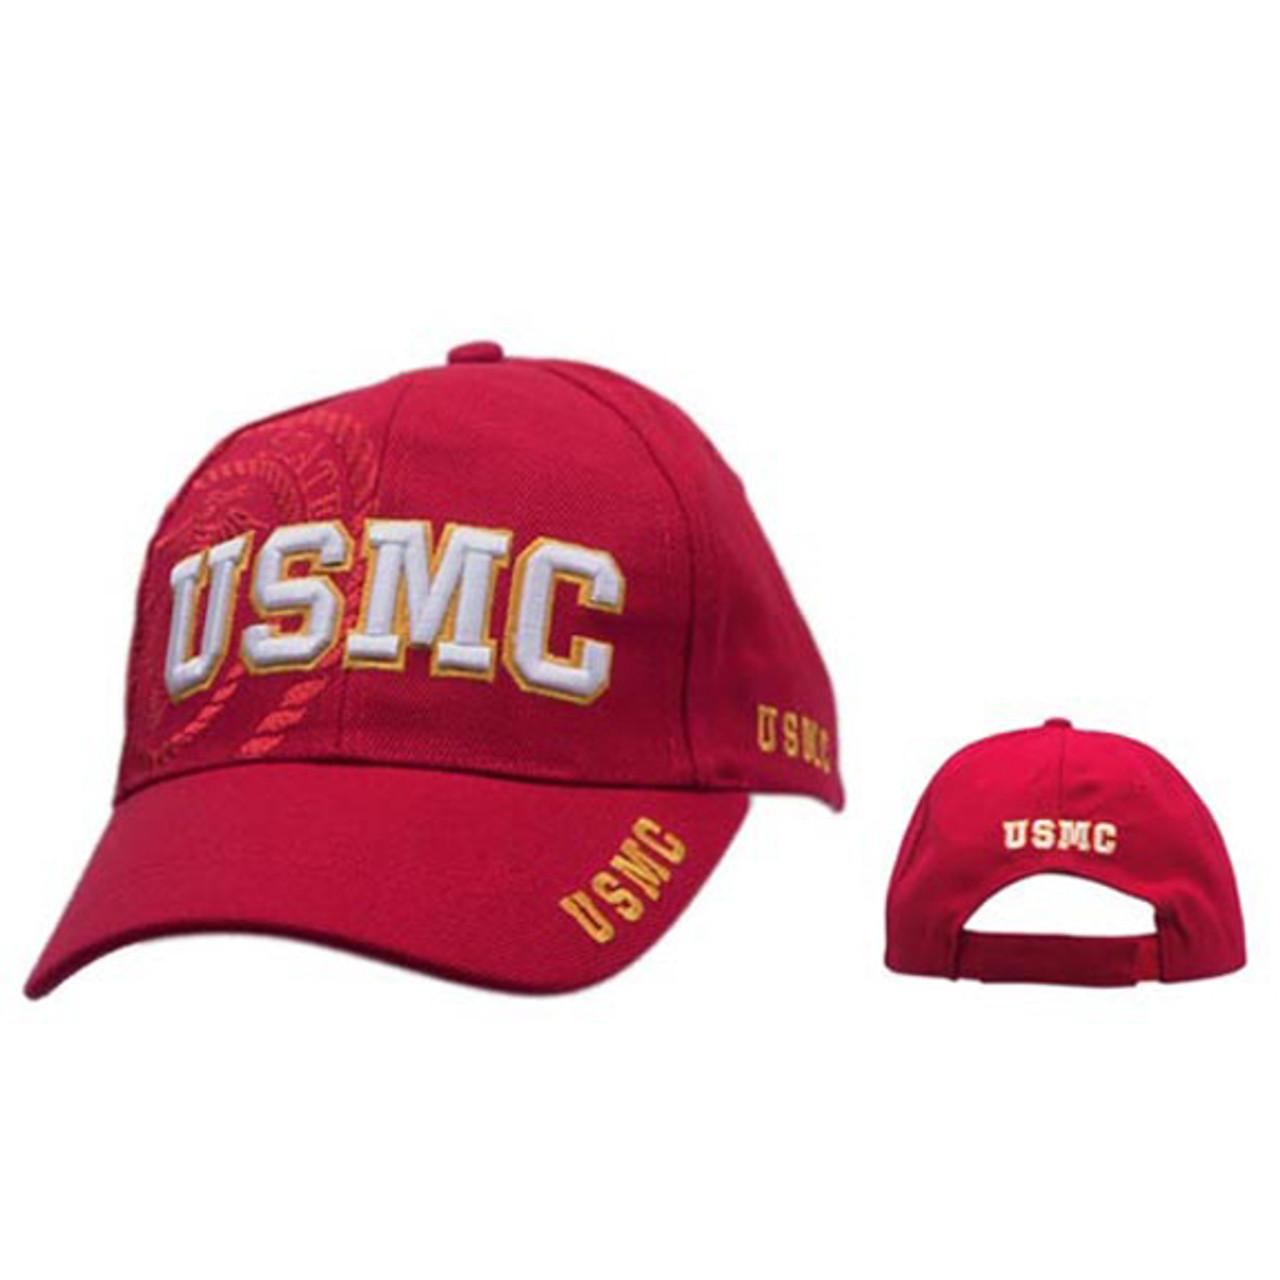 Wholesale Military Caps C127 (1 pc.) U.S.M.C.